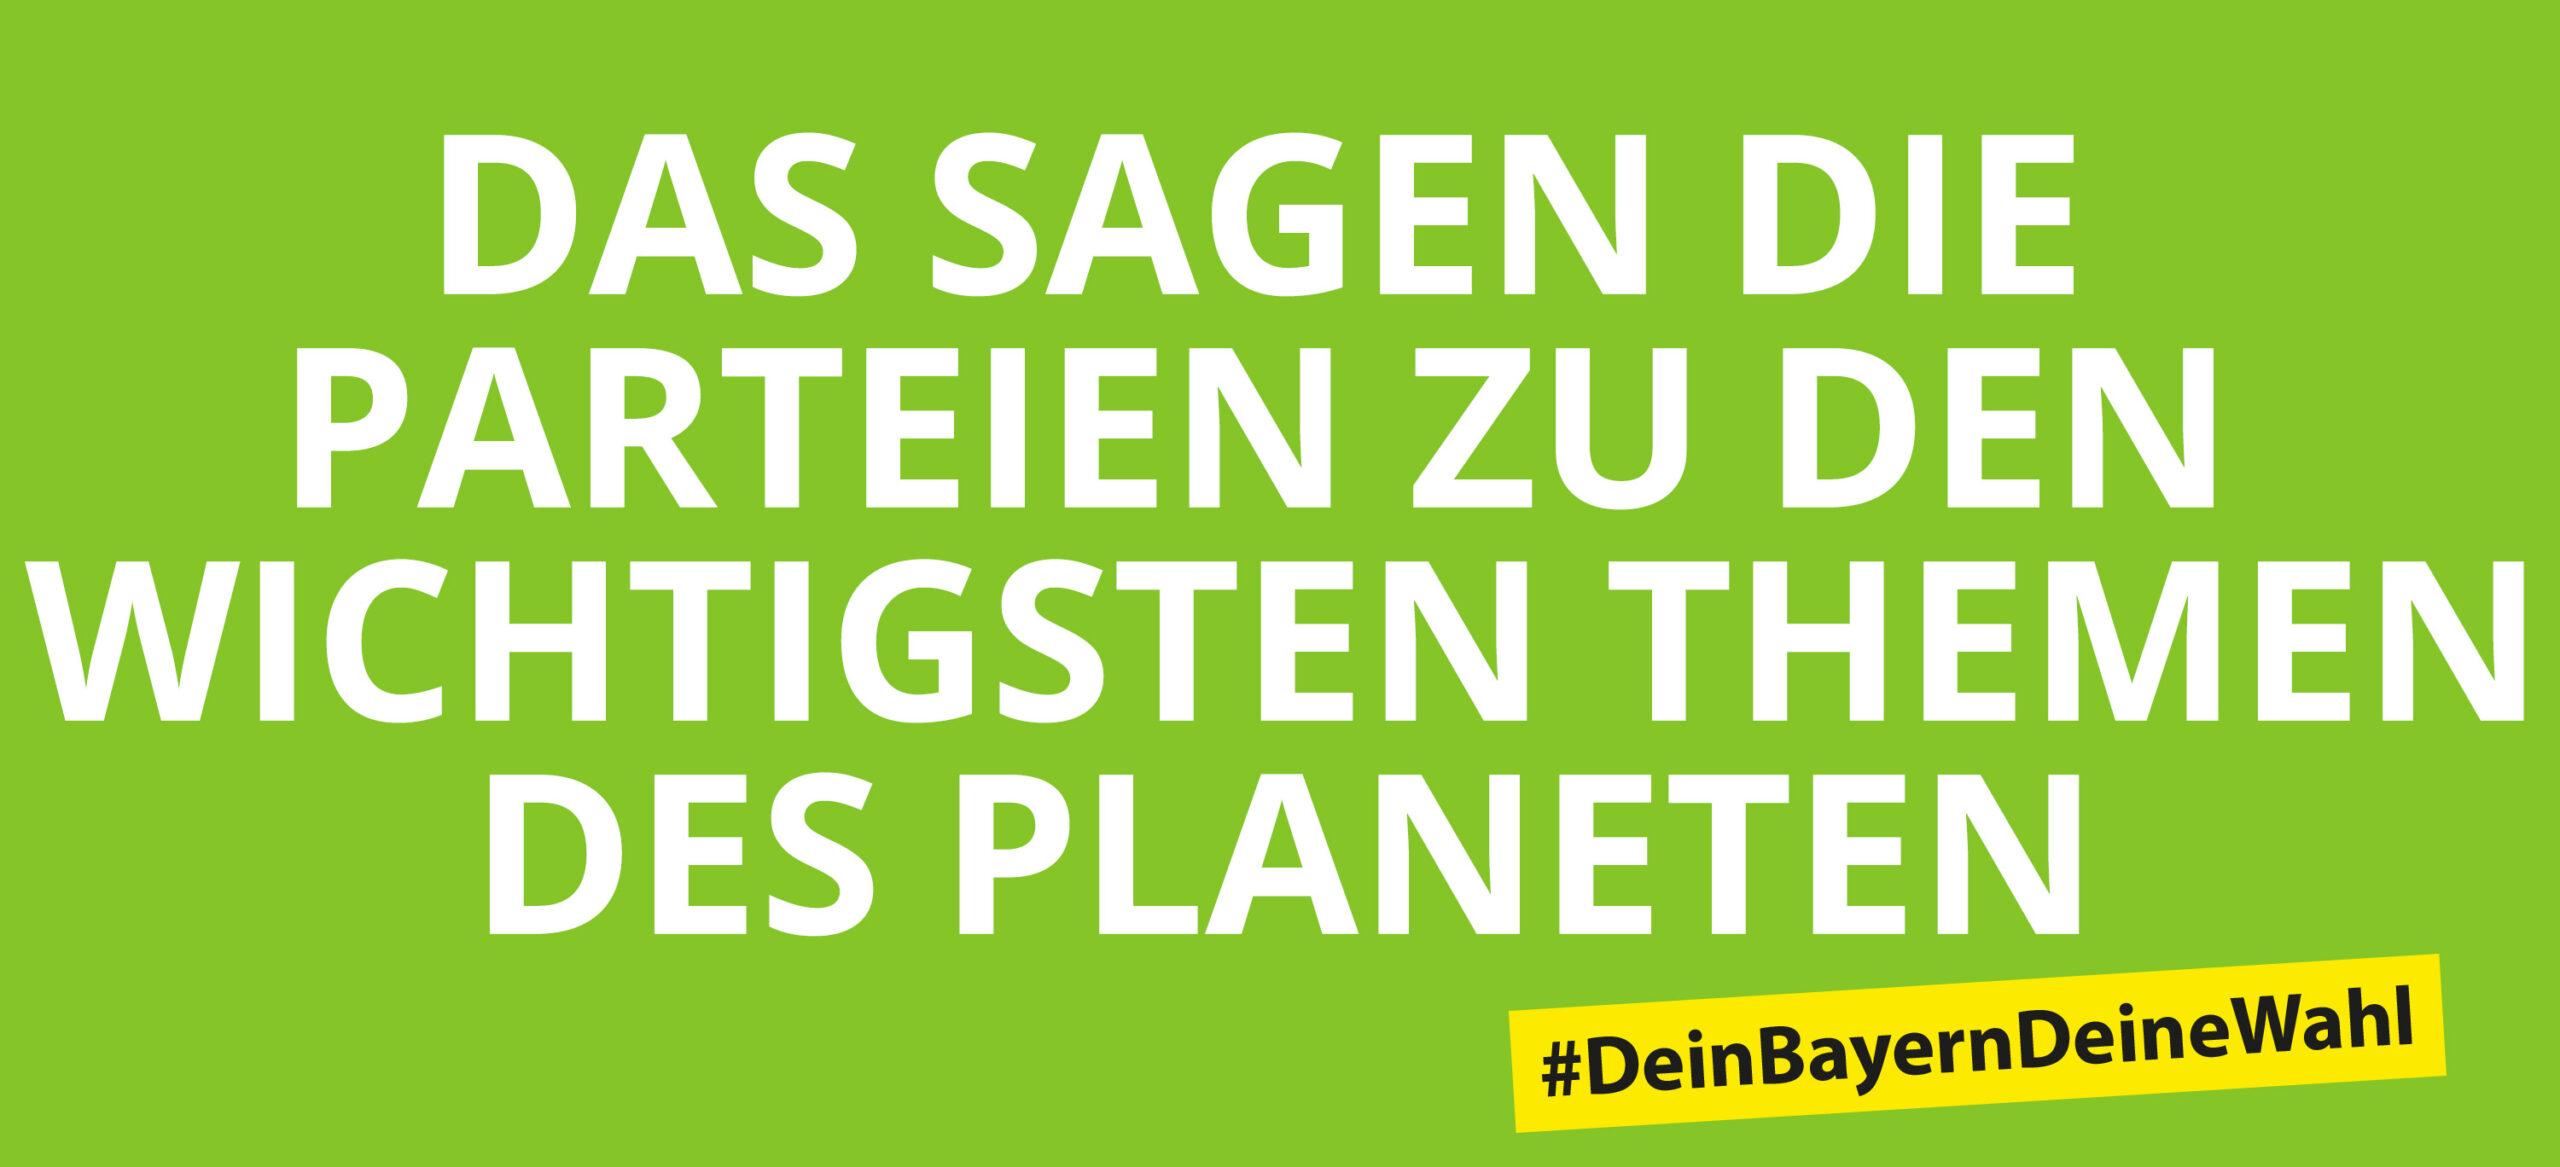 Greenpeace Wahlkompass zur Bayernwahl 2018